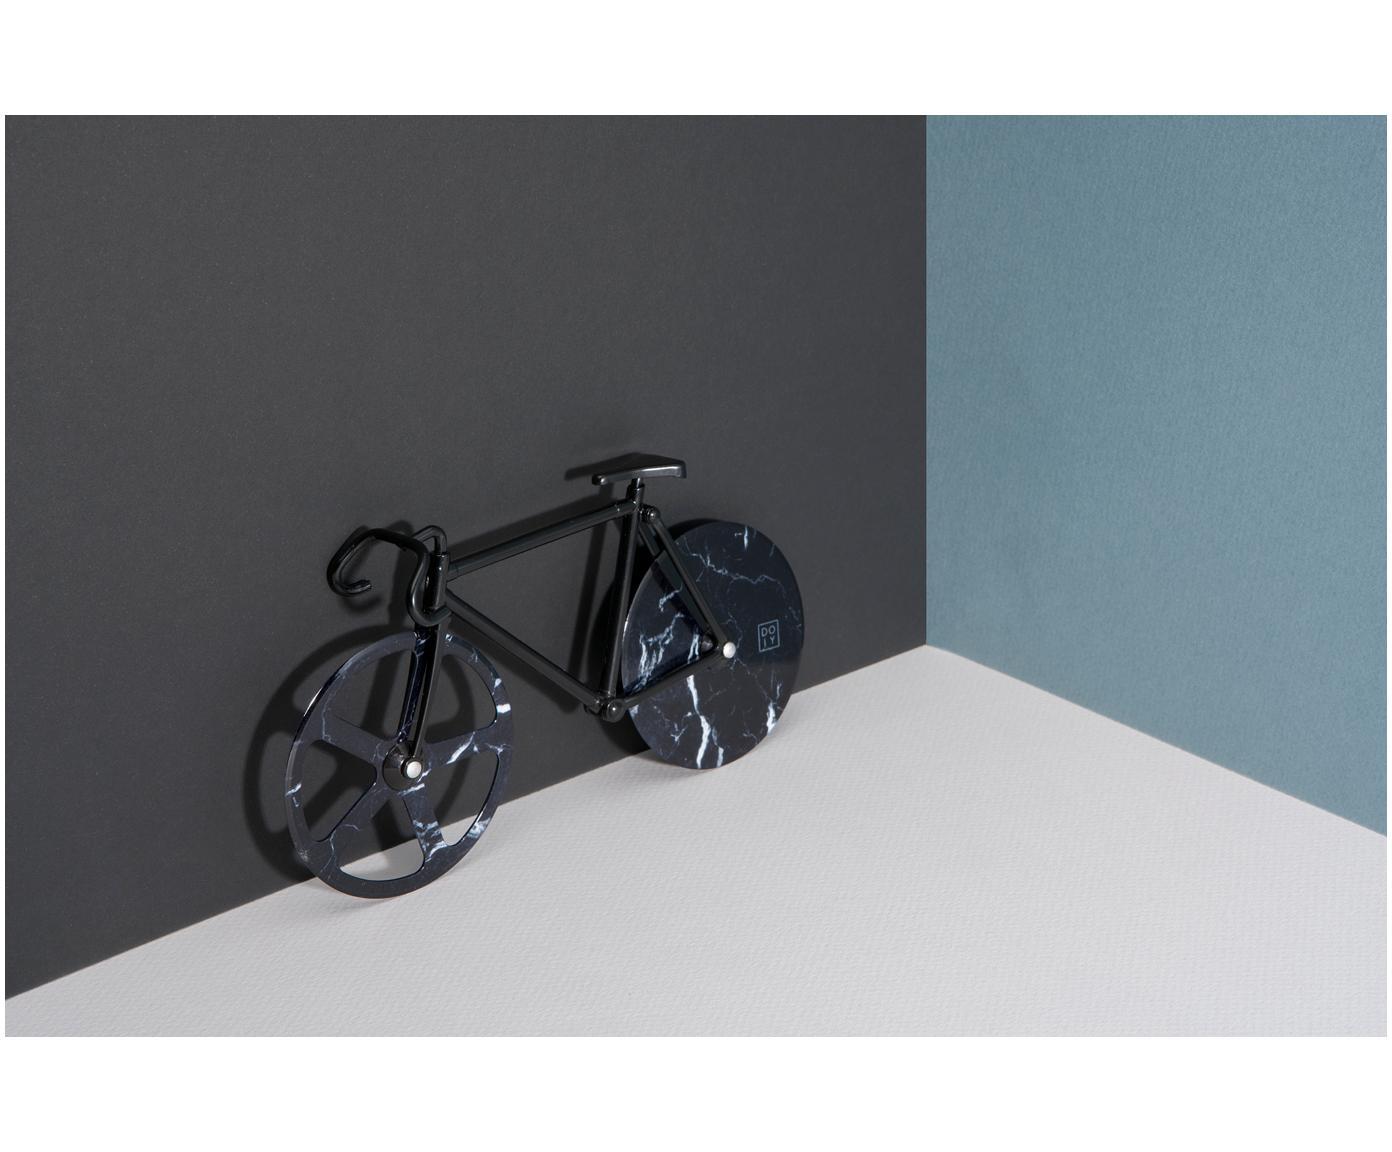 Schwarzer Pizzaschneider Velo im Fahrraddesign aus Edelstahl, Edelstahl, beschichtet, Schwarz, marmoriert, 23 x 13 cm